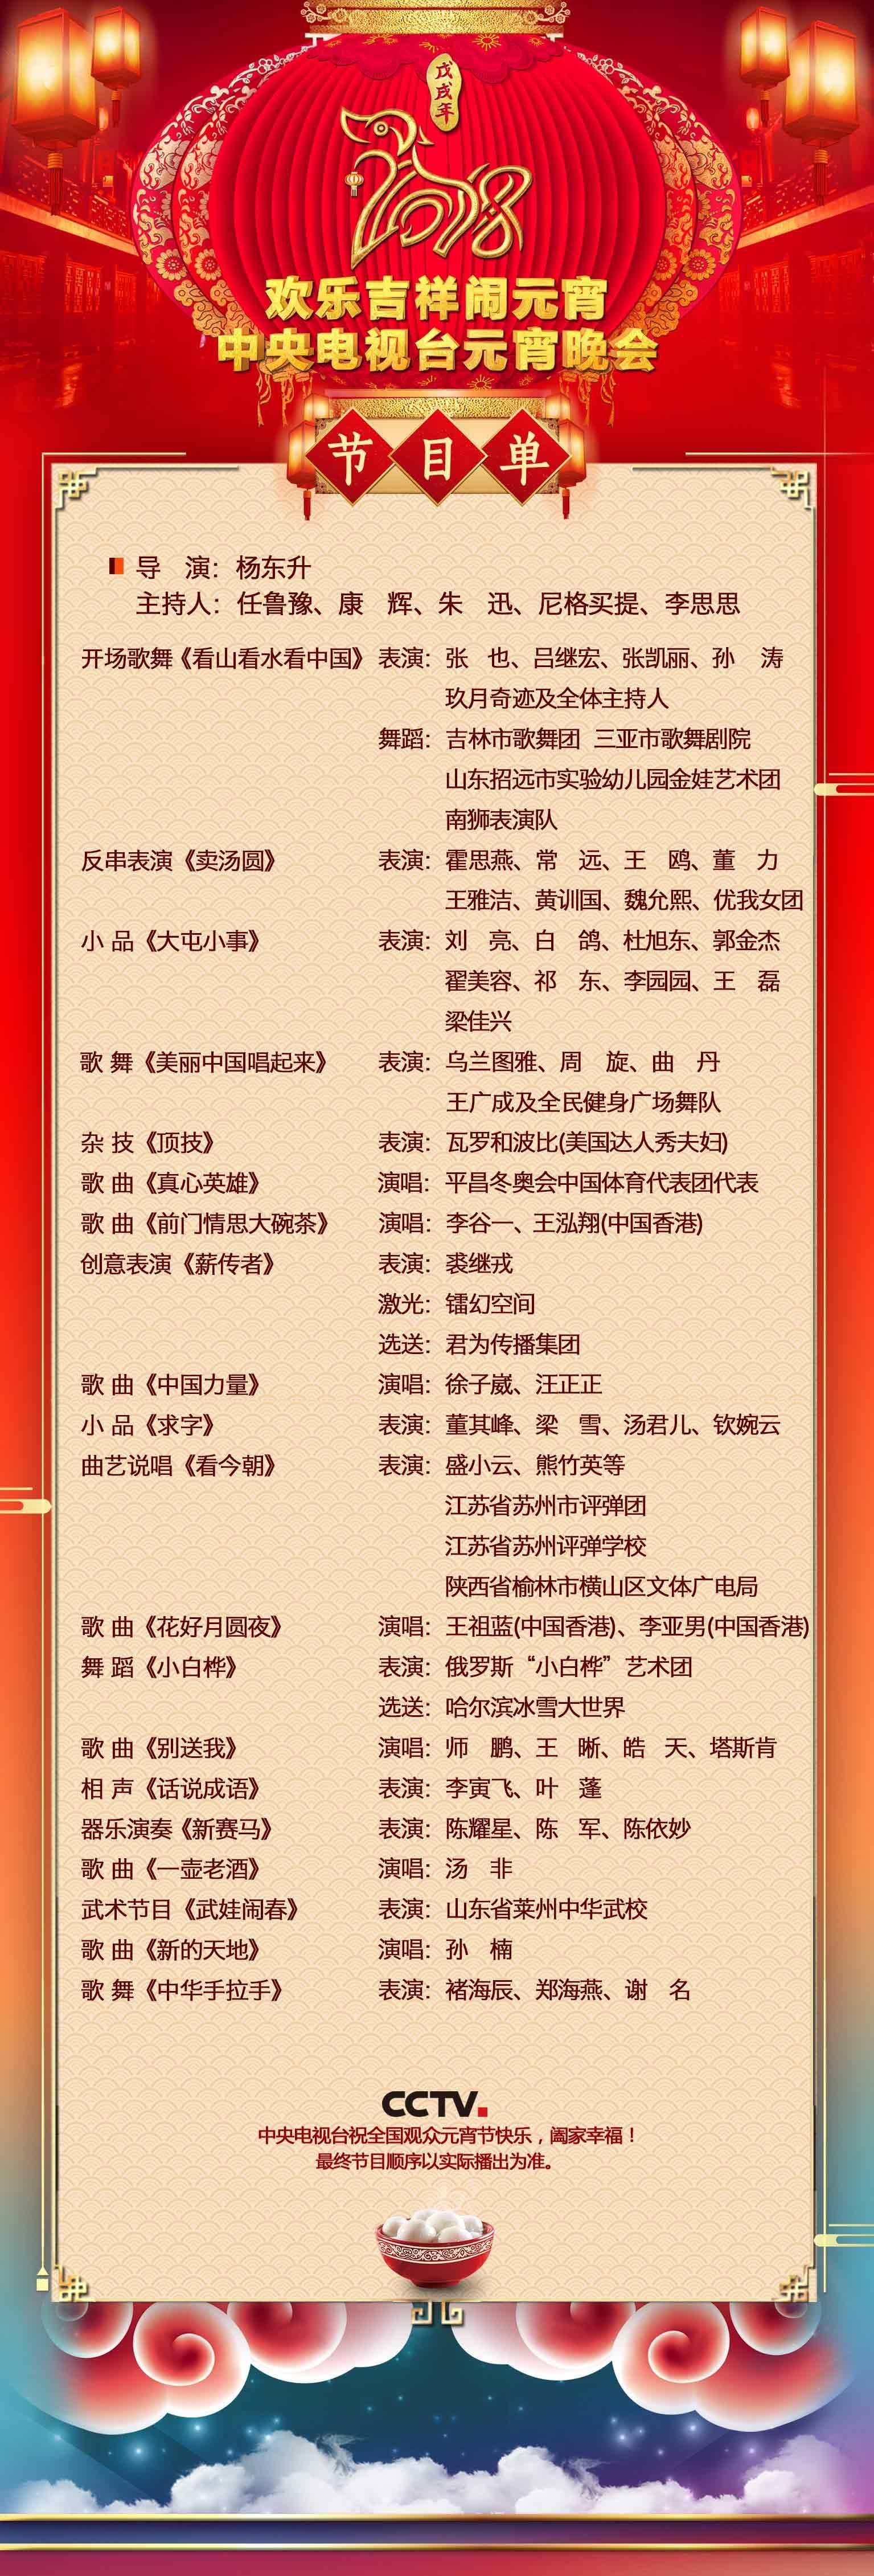 2018年央视元宵晚会节目单 - 春华秋实 - 春华秋实 开心快乐每一天